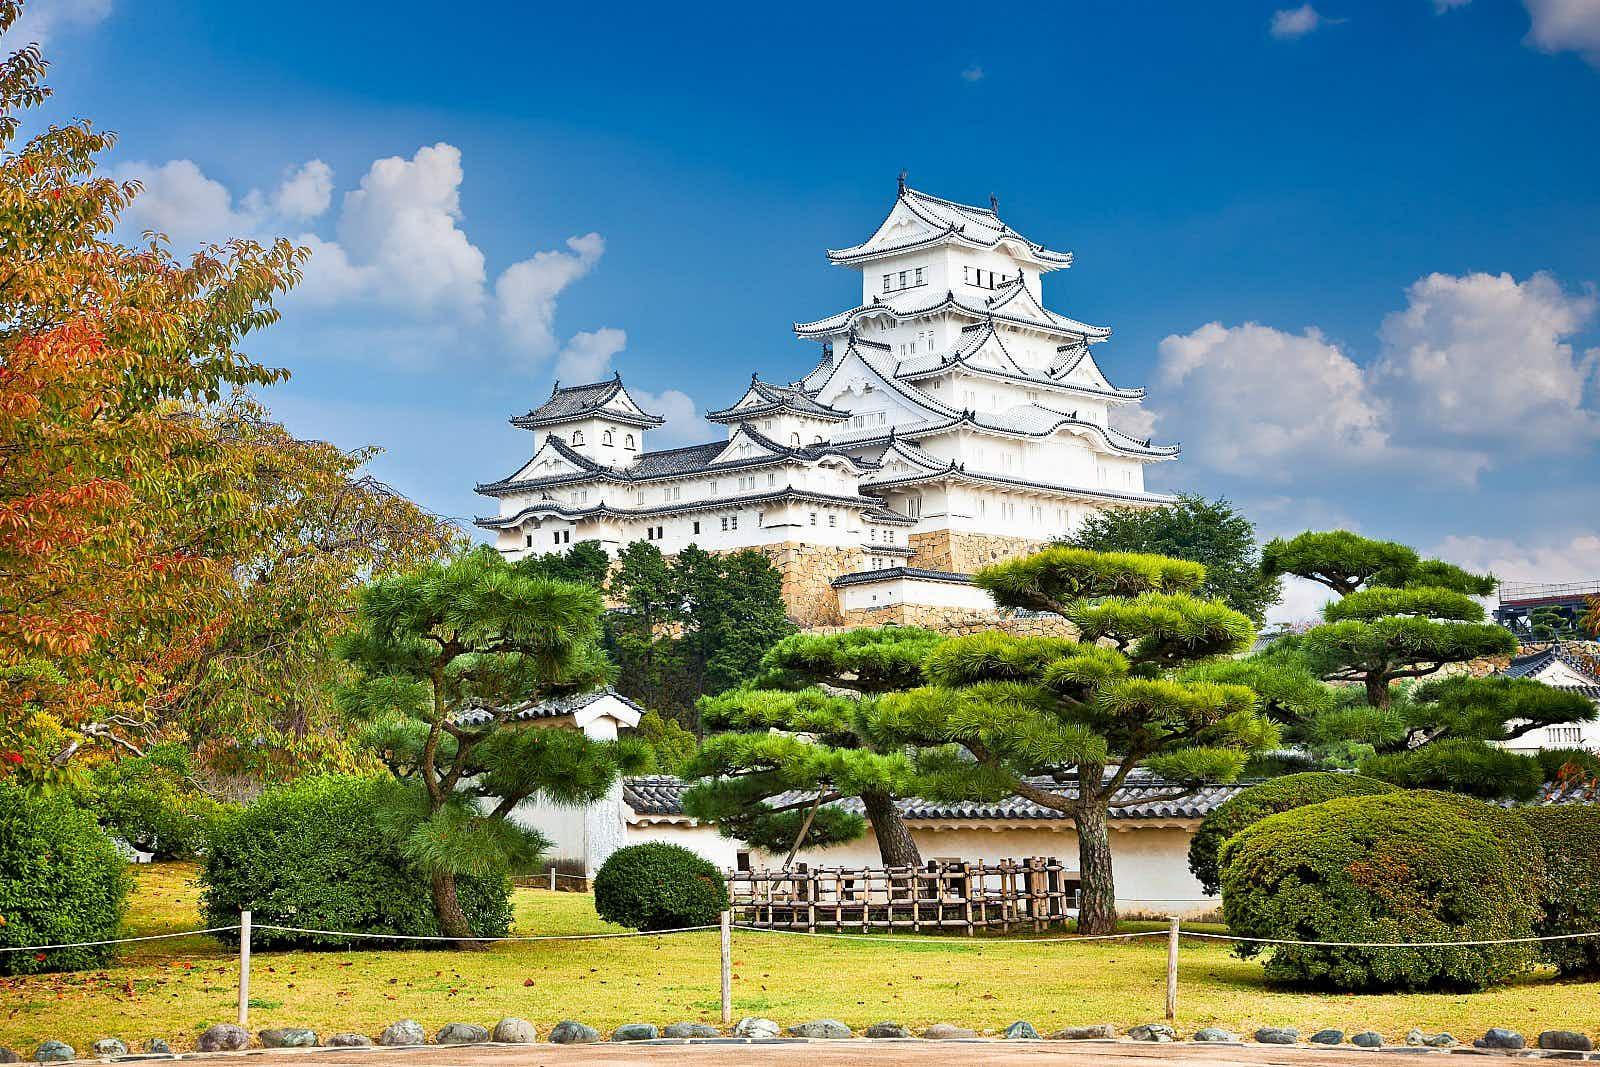 Miyajima, Hiroshima, Japanese floating shrine © Sean Pavone / Shutterstock